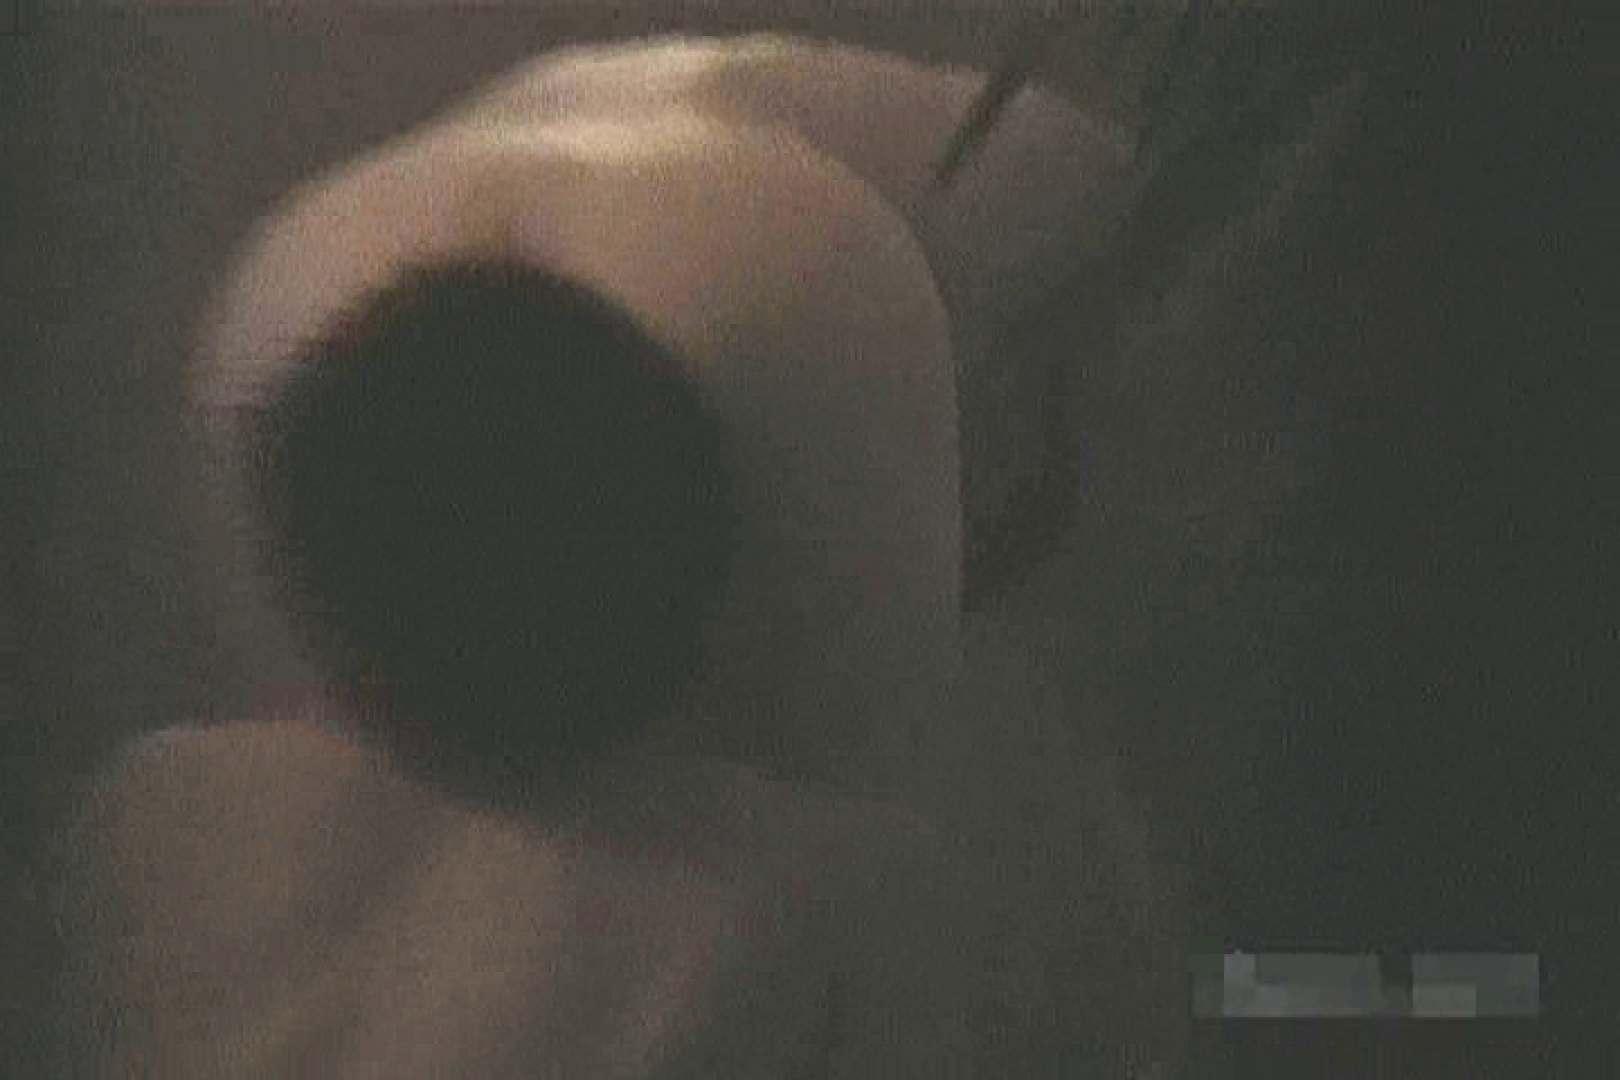 全裸で発情!!家族風呂の実態Vol.2 OLセックス | カップル  50画像 49